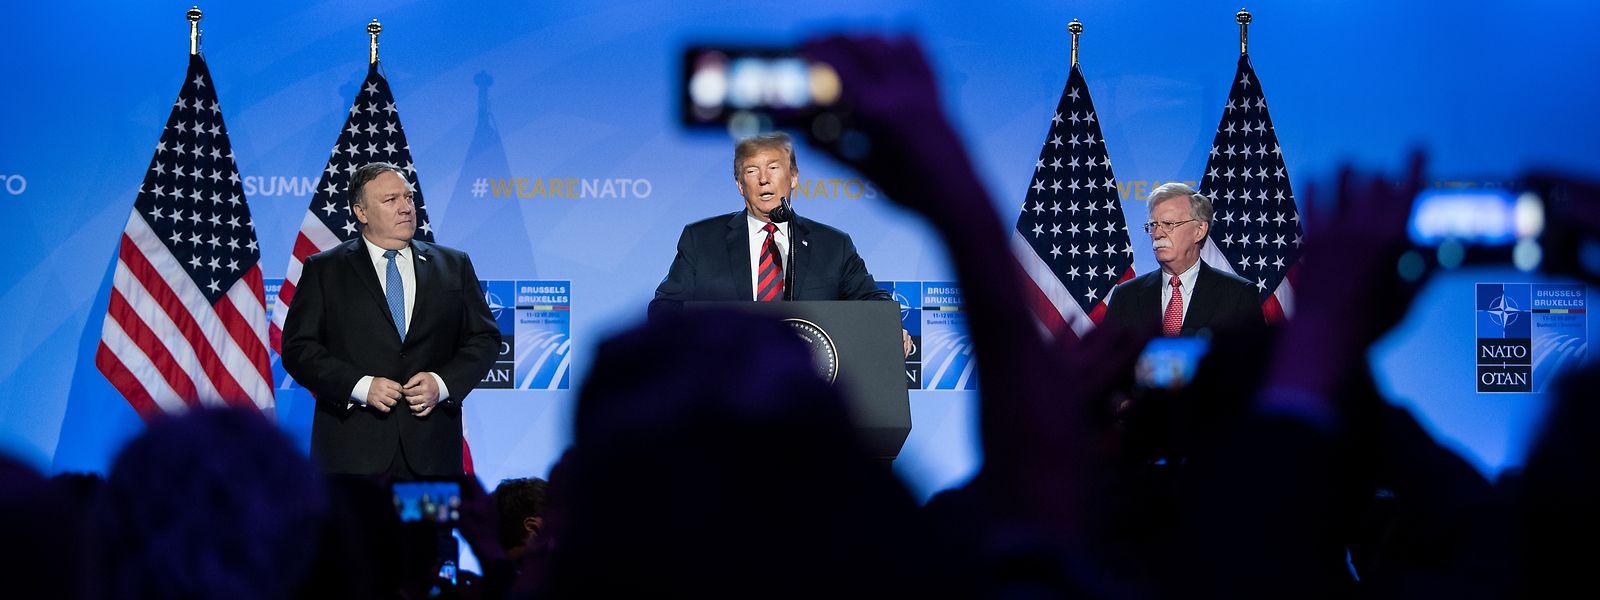 12. Juli 2018, Brüssel: US-Präsident Donald Trump gibt zusammen mit Außenminister Mike Pompeo und Sicherheitsberater John Bolton eine Pressekonferenz zum Abschluss des NATO-Gipfels.